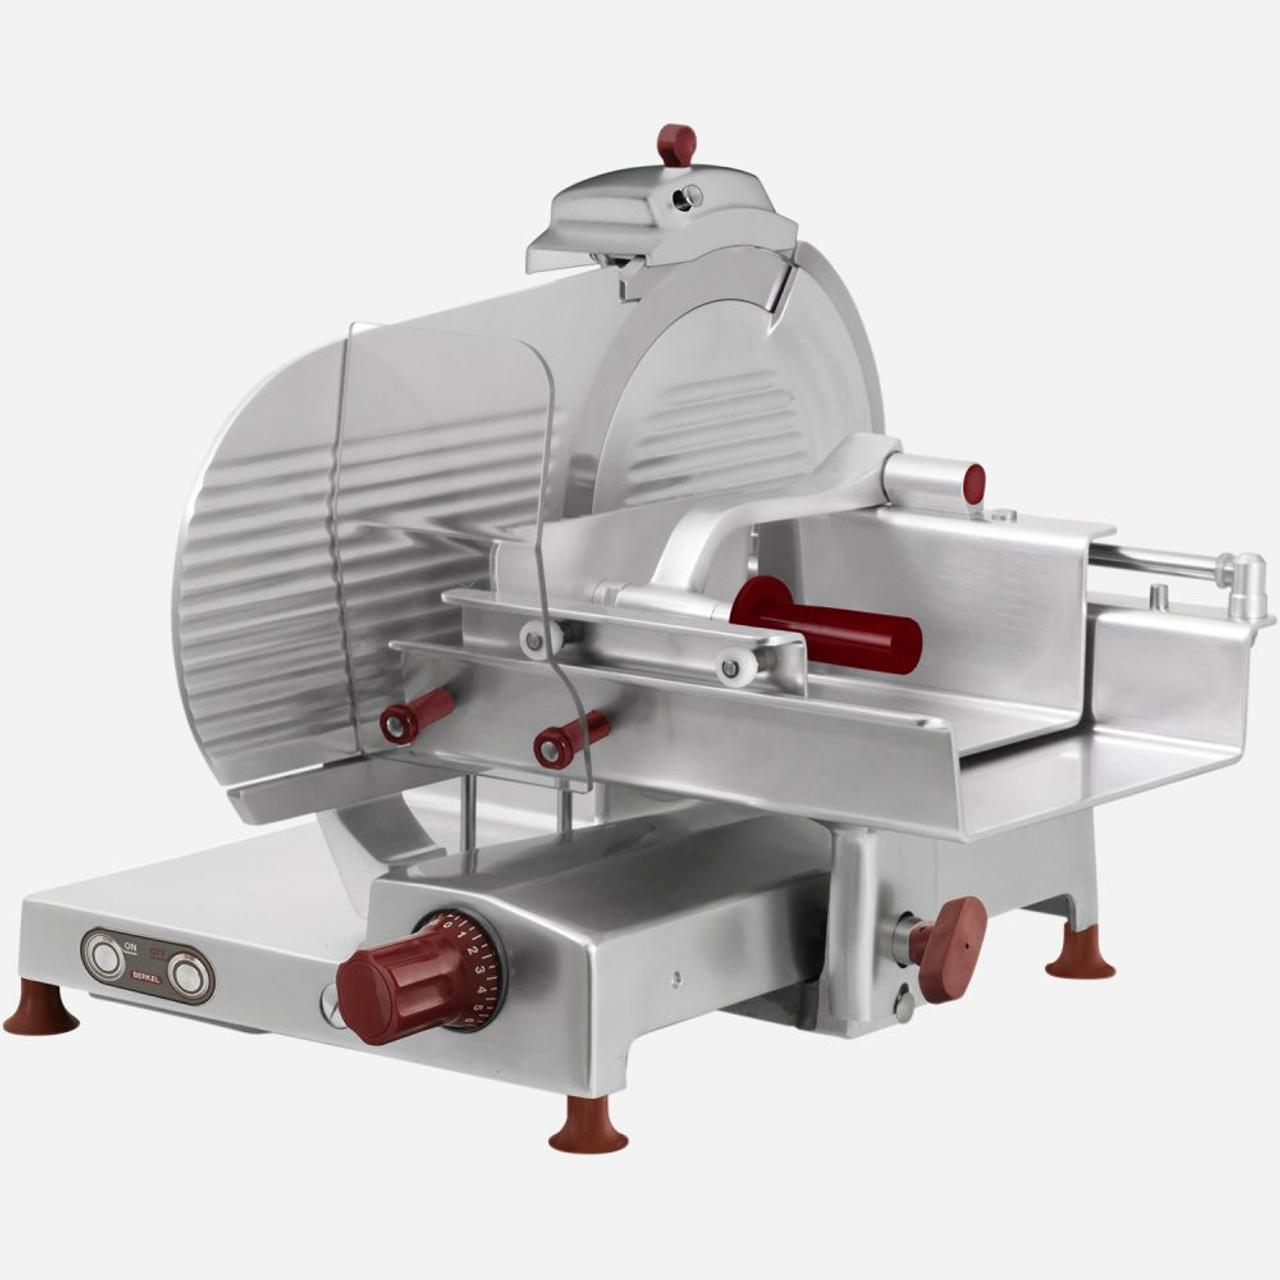 Berkel Macelleria 35-370 Ham / Bacon Slicer